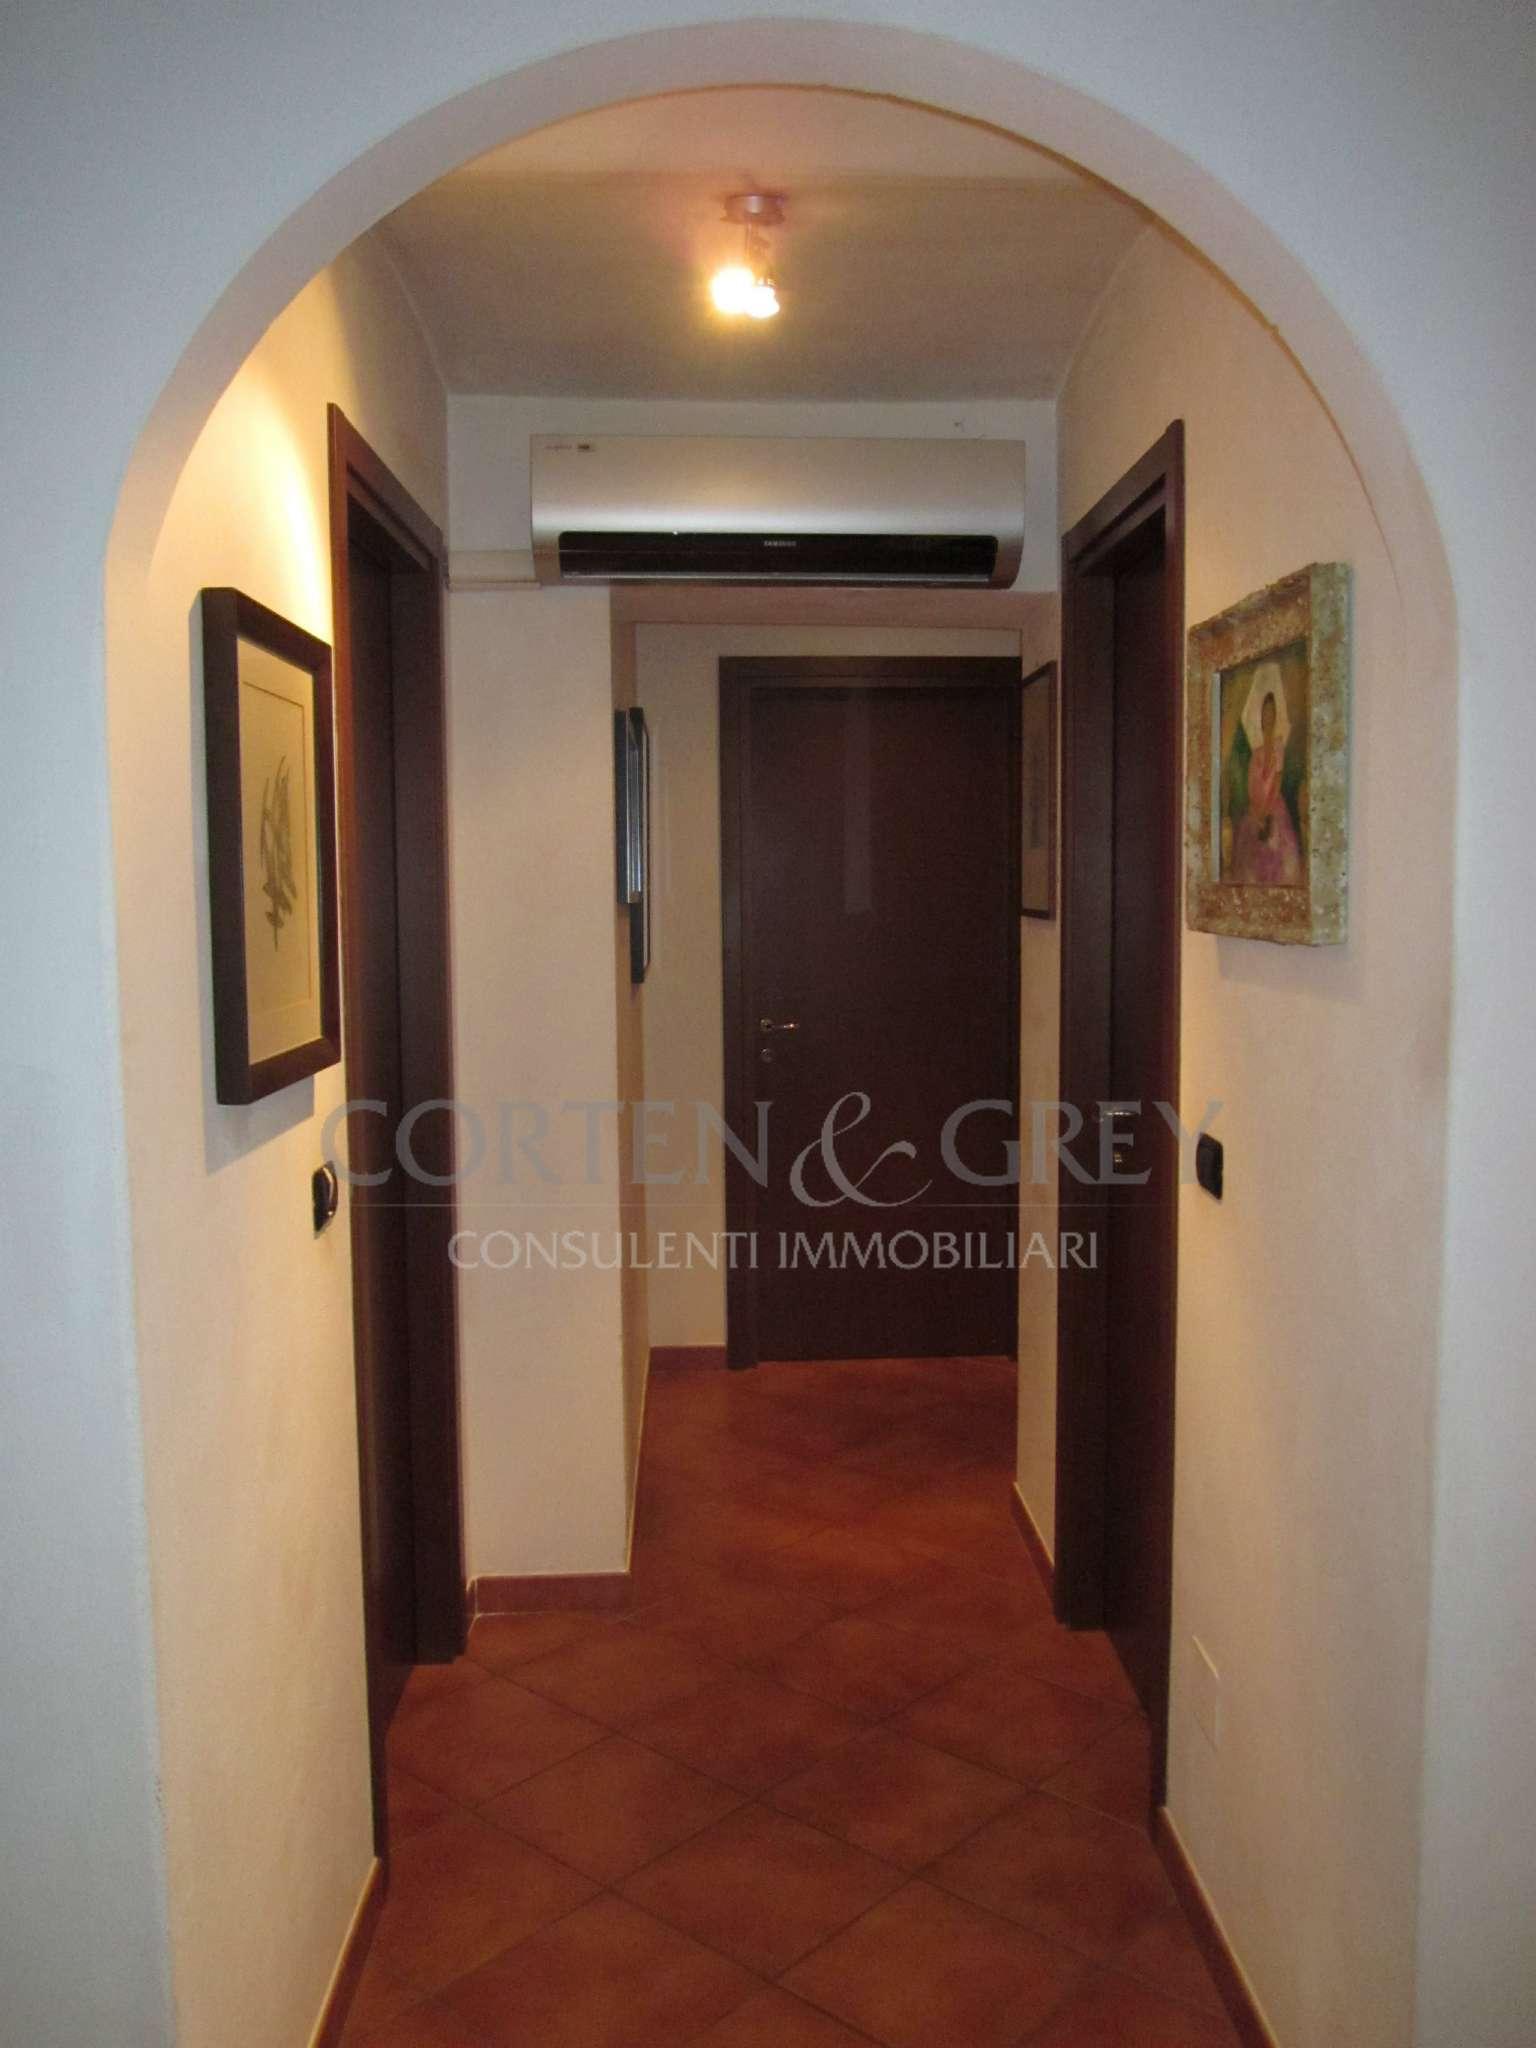 Appartamento ristrutturato in vendita Rif. 5304494